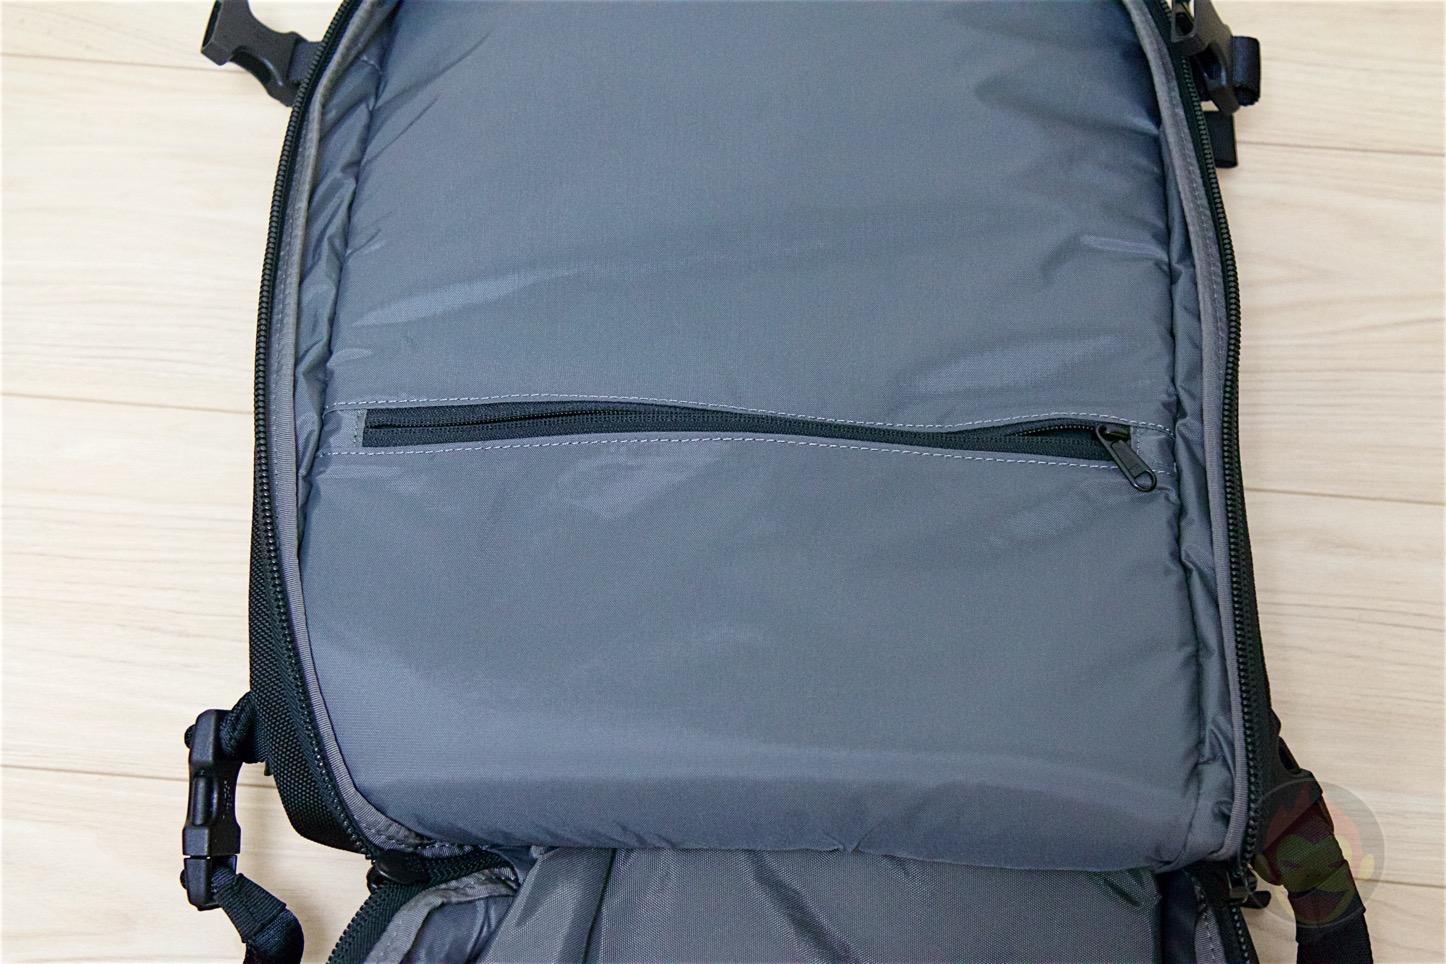 Aer-Travel-BackPack-on-Kickstarter-25.jpg